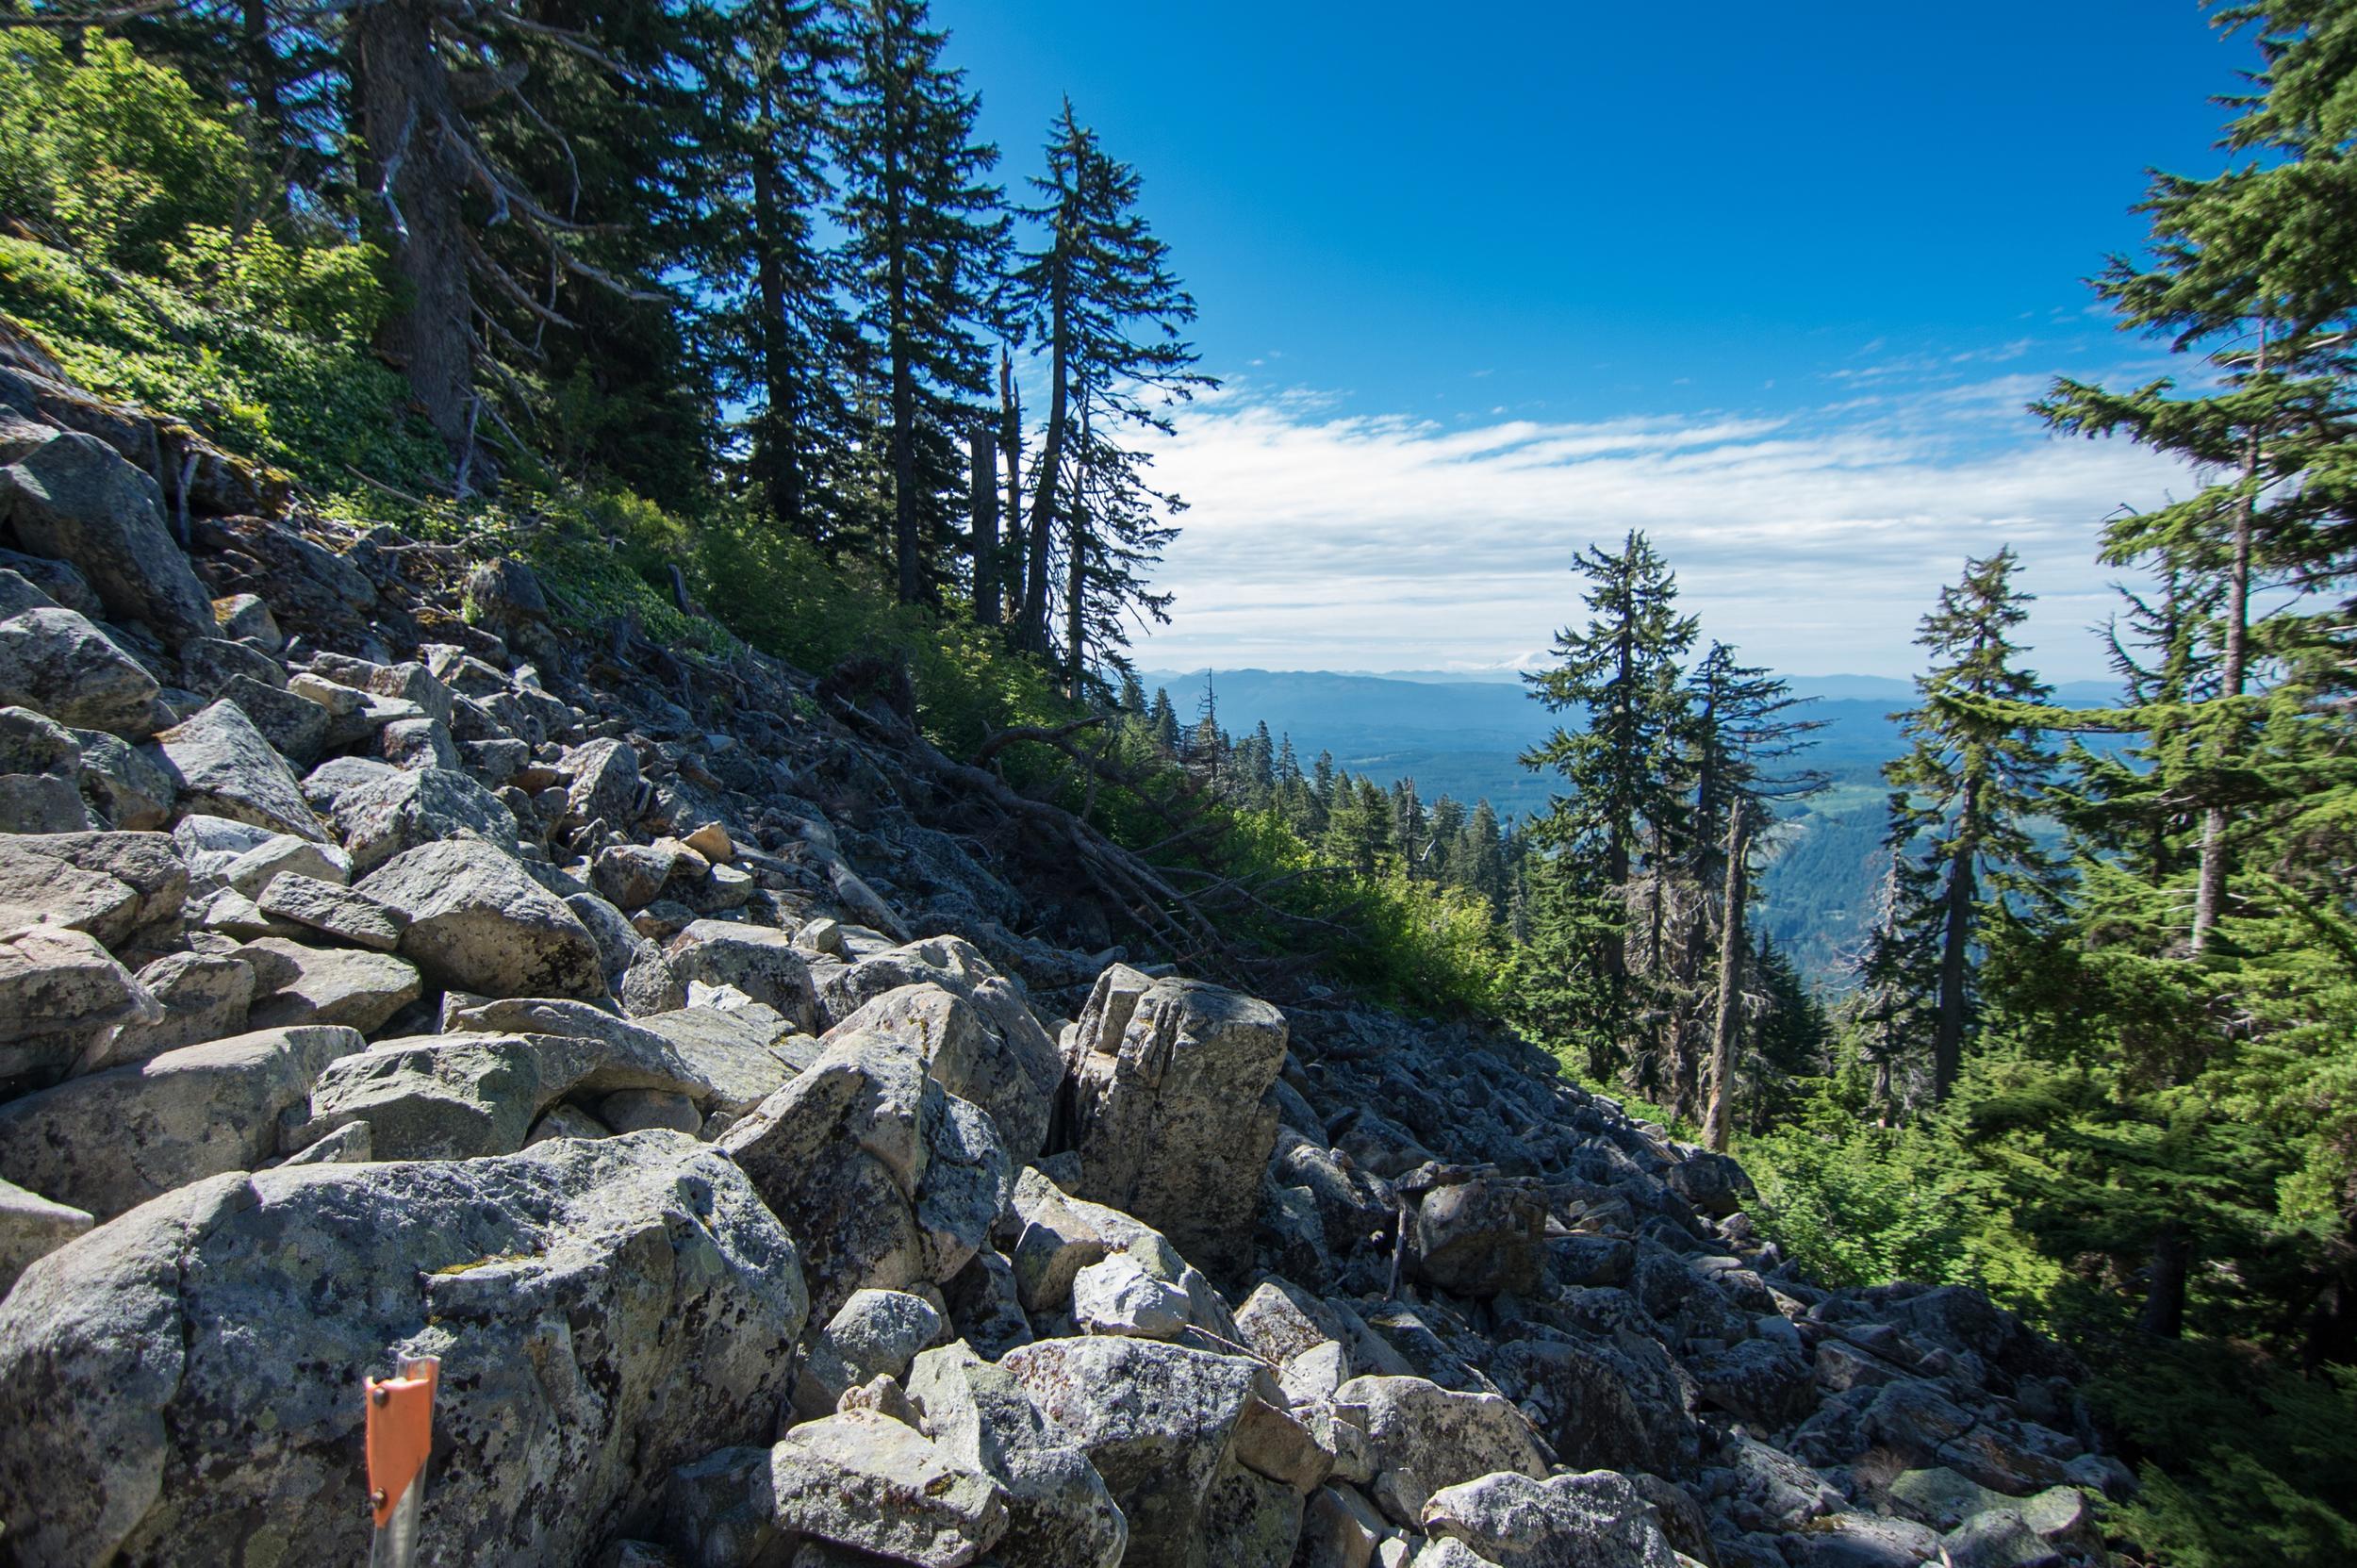 Mount_Pilchuck-11.jpg